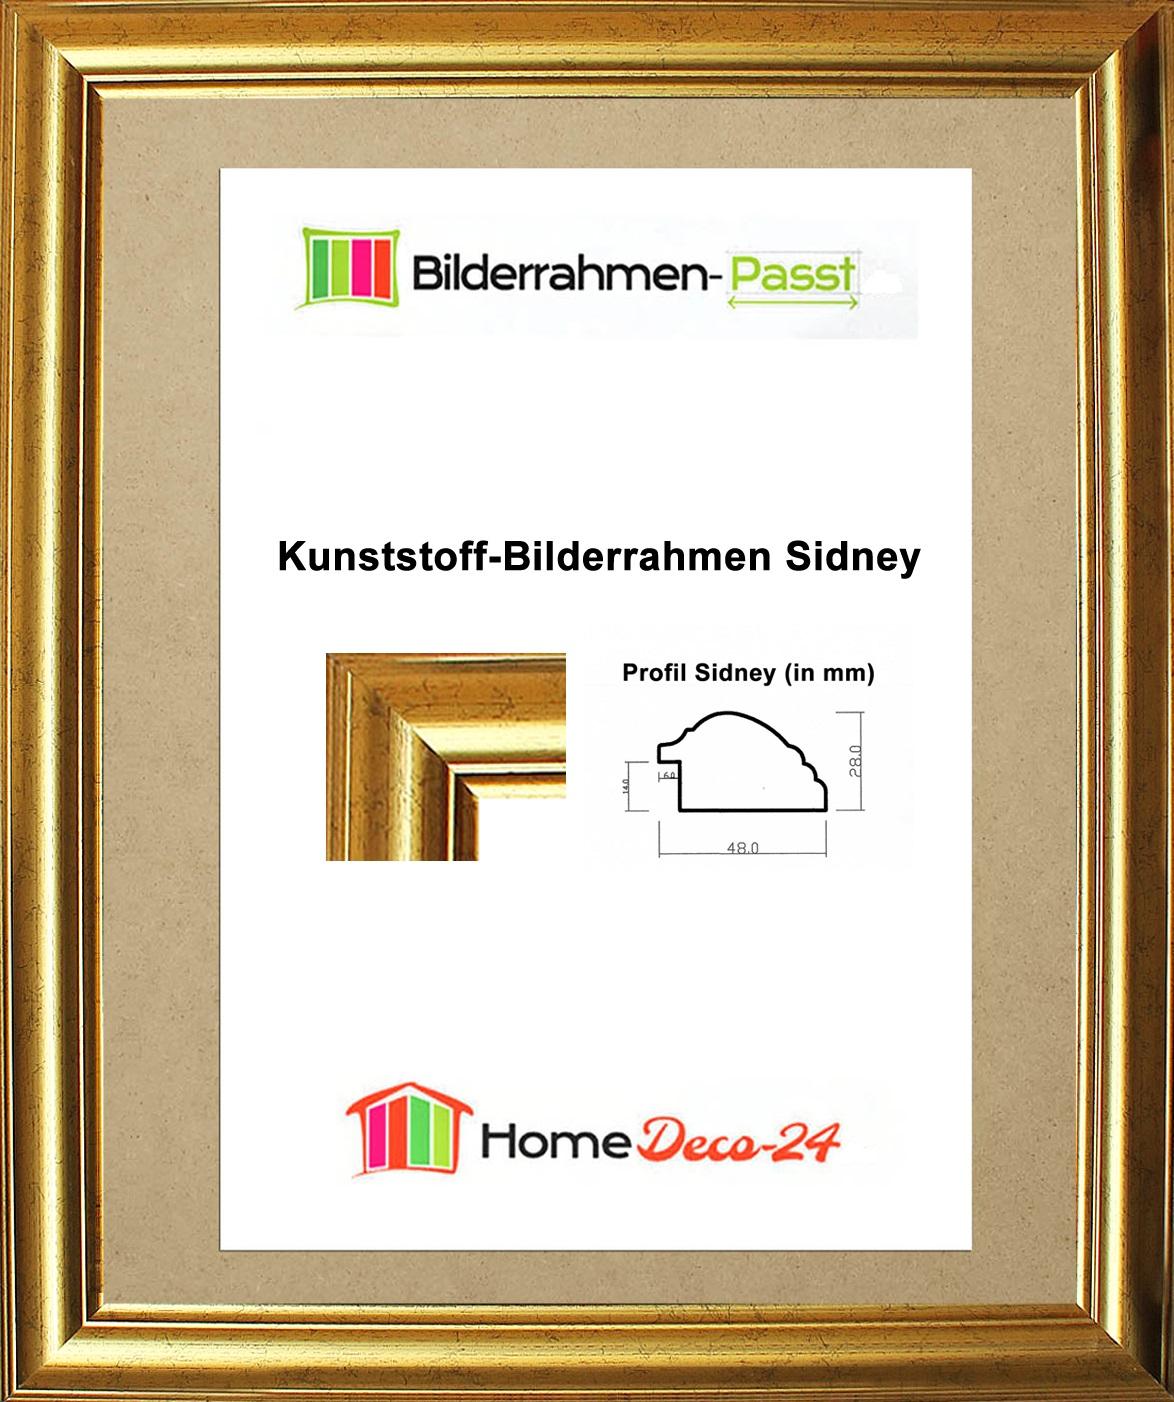 Sydney Bilderrahmen 10,5 x 14,9 cm Groessenwahl Farbwahl | eBay